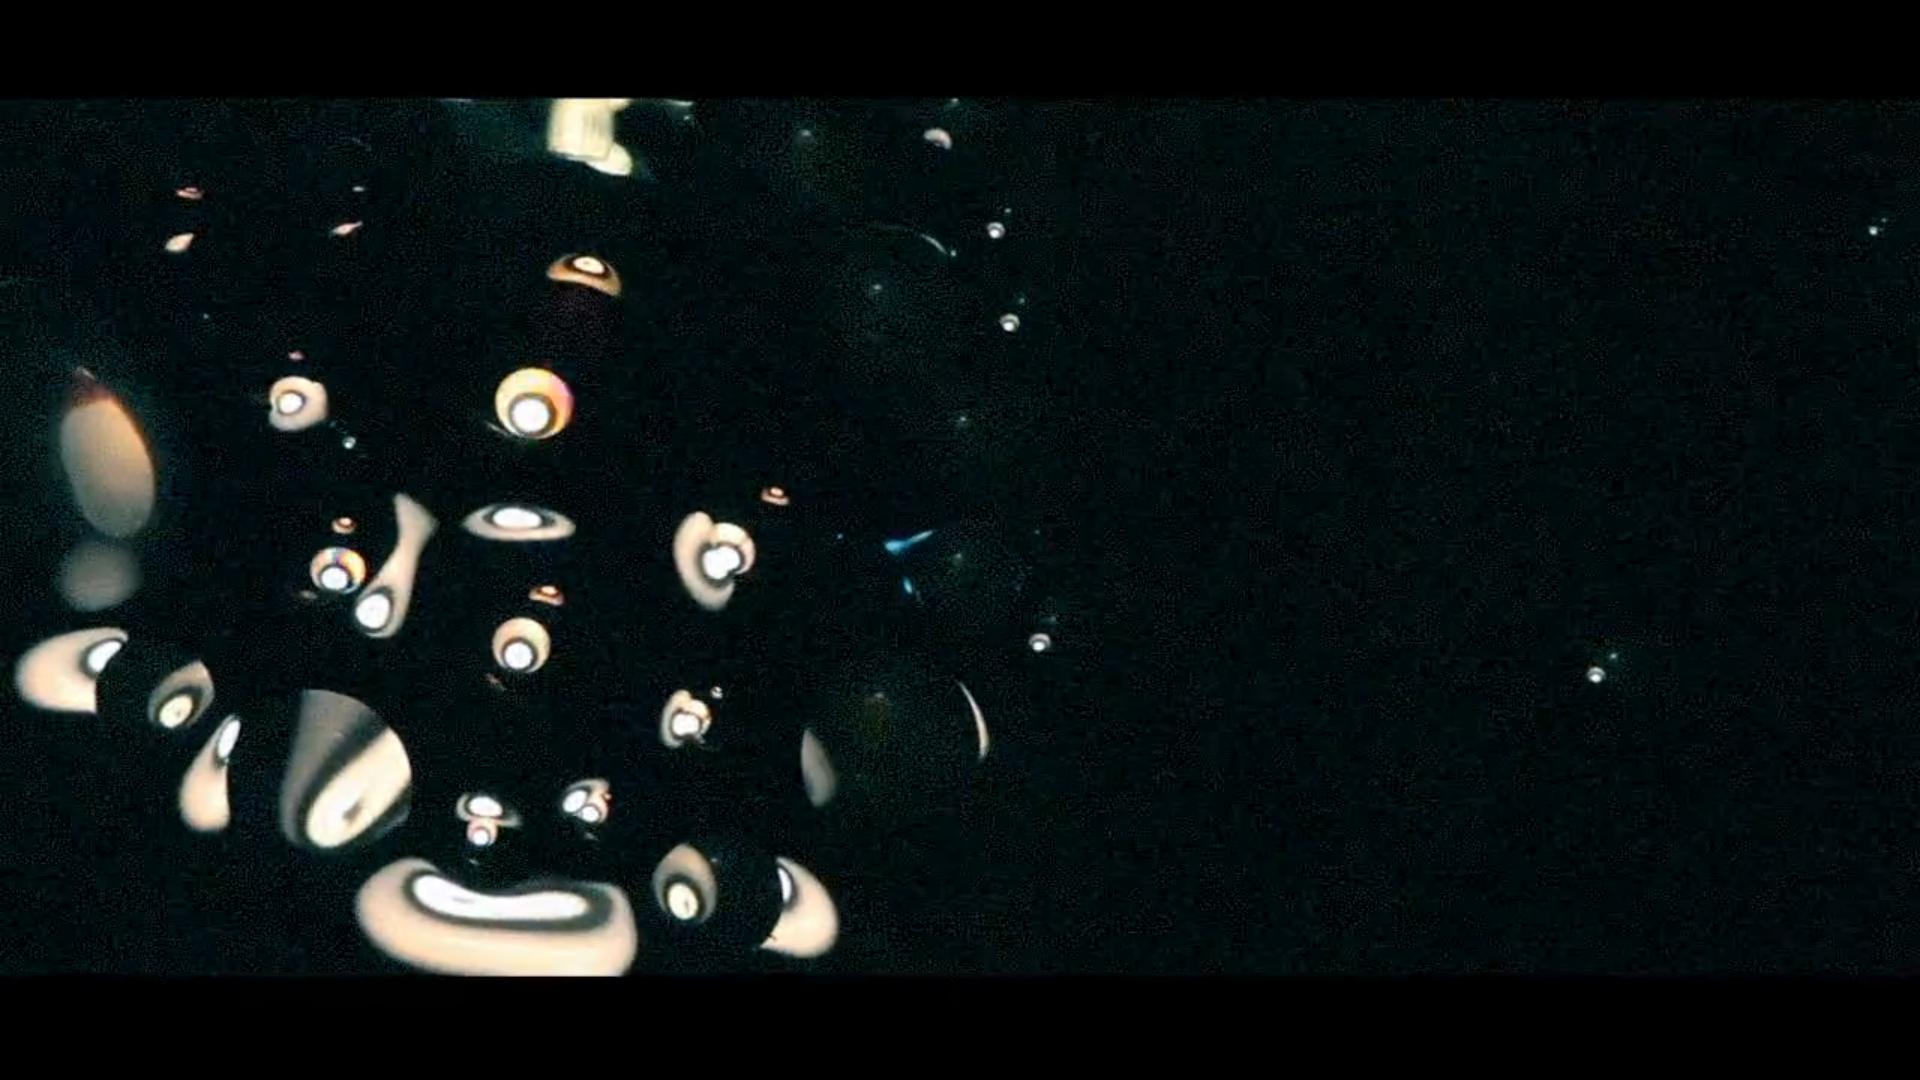 Captura de pantalla 2013-04-09 a las 12.55.12.png